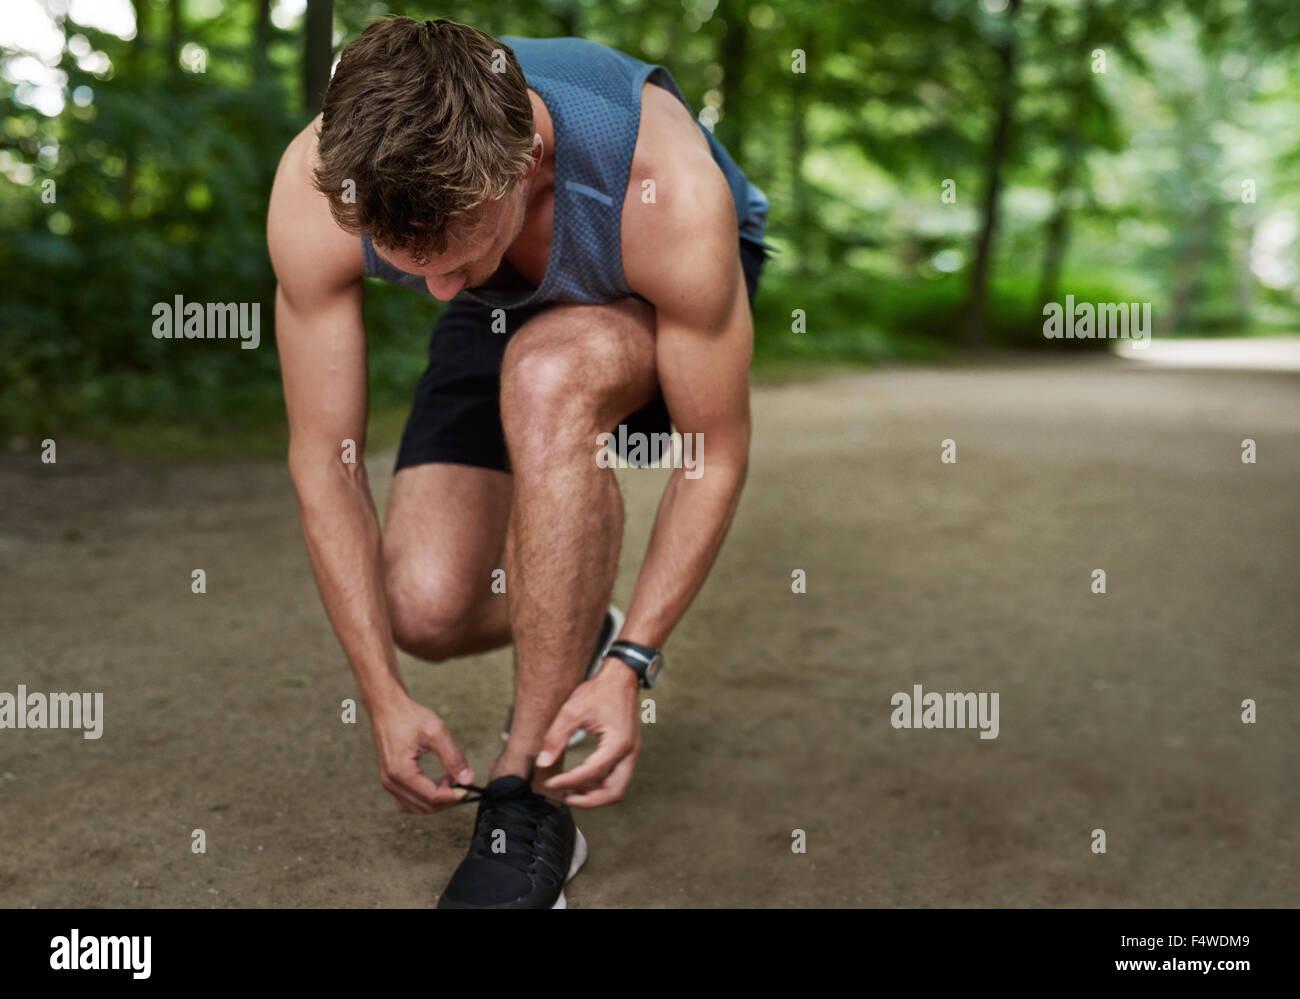 Mettre en place l'homme jogger se pencher lier ses lacets dans une piste à travers un parc boisé luxuriant dans un concept de vie sain Banque D'Images